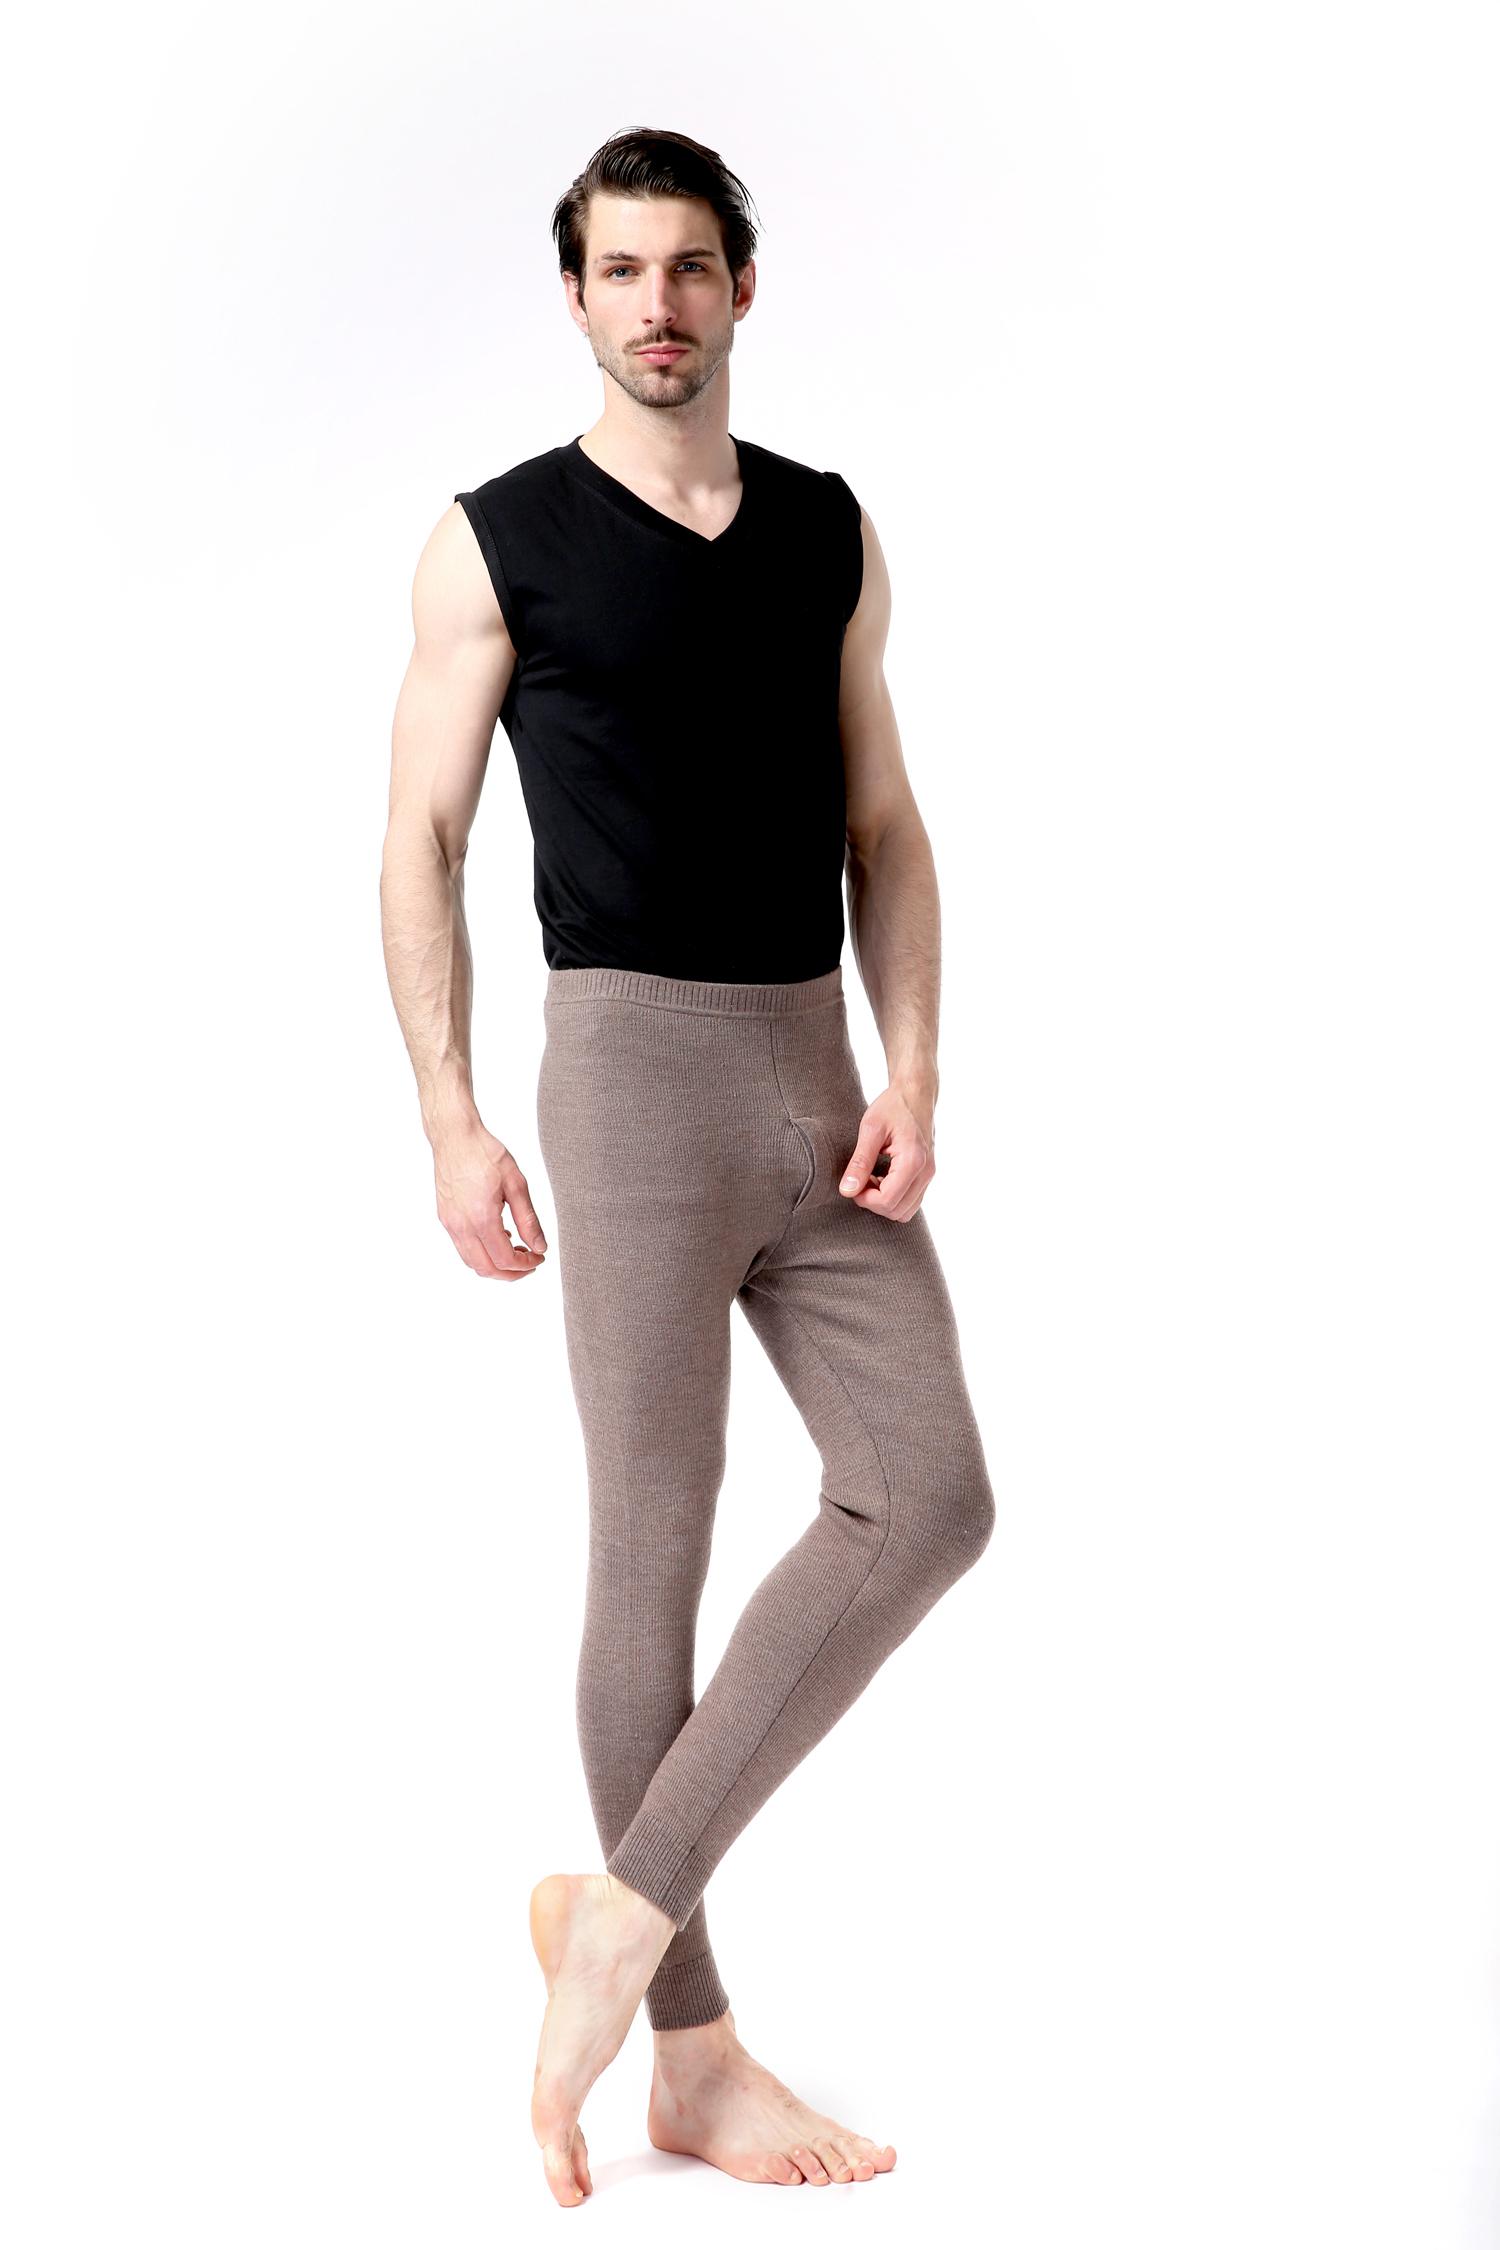 打底裤价格,信誉好的都兰诺斯澳毛男抽条裤推荐